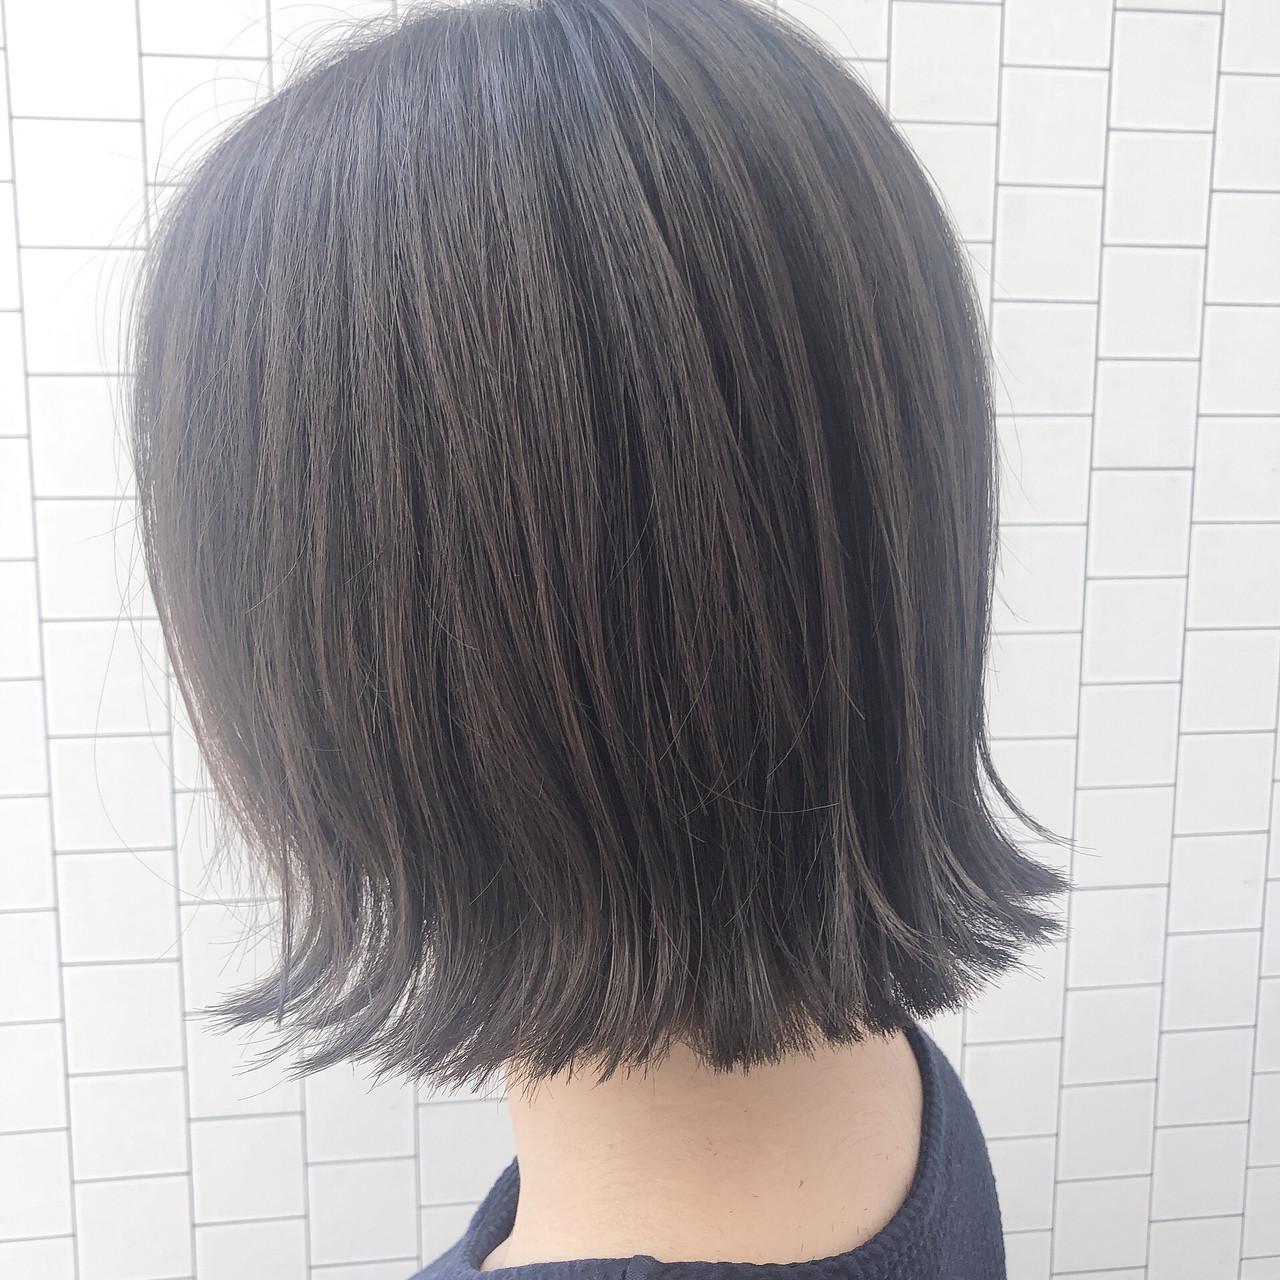 透明感カラー ボブ モード イルミナカラー ヘアスタイルや髪型の写真・画像